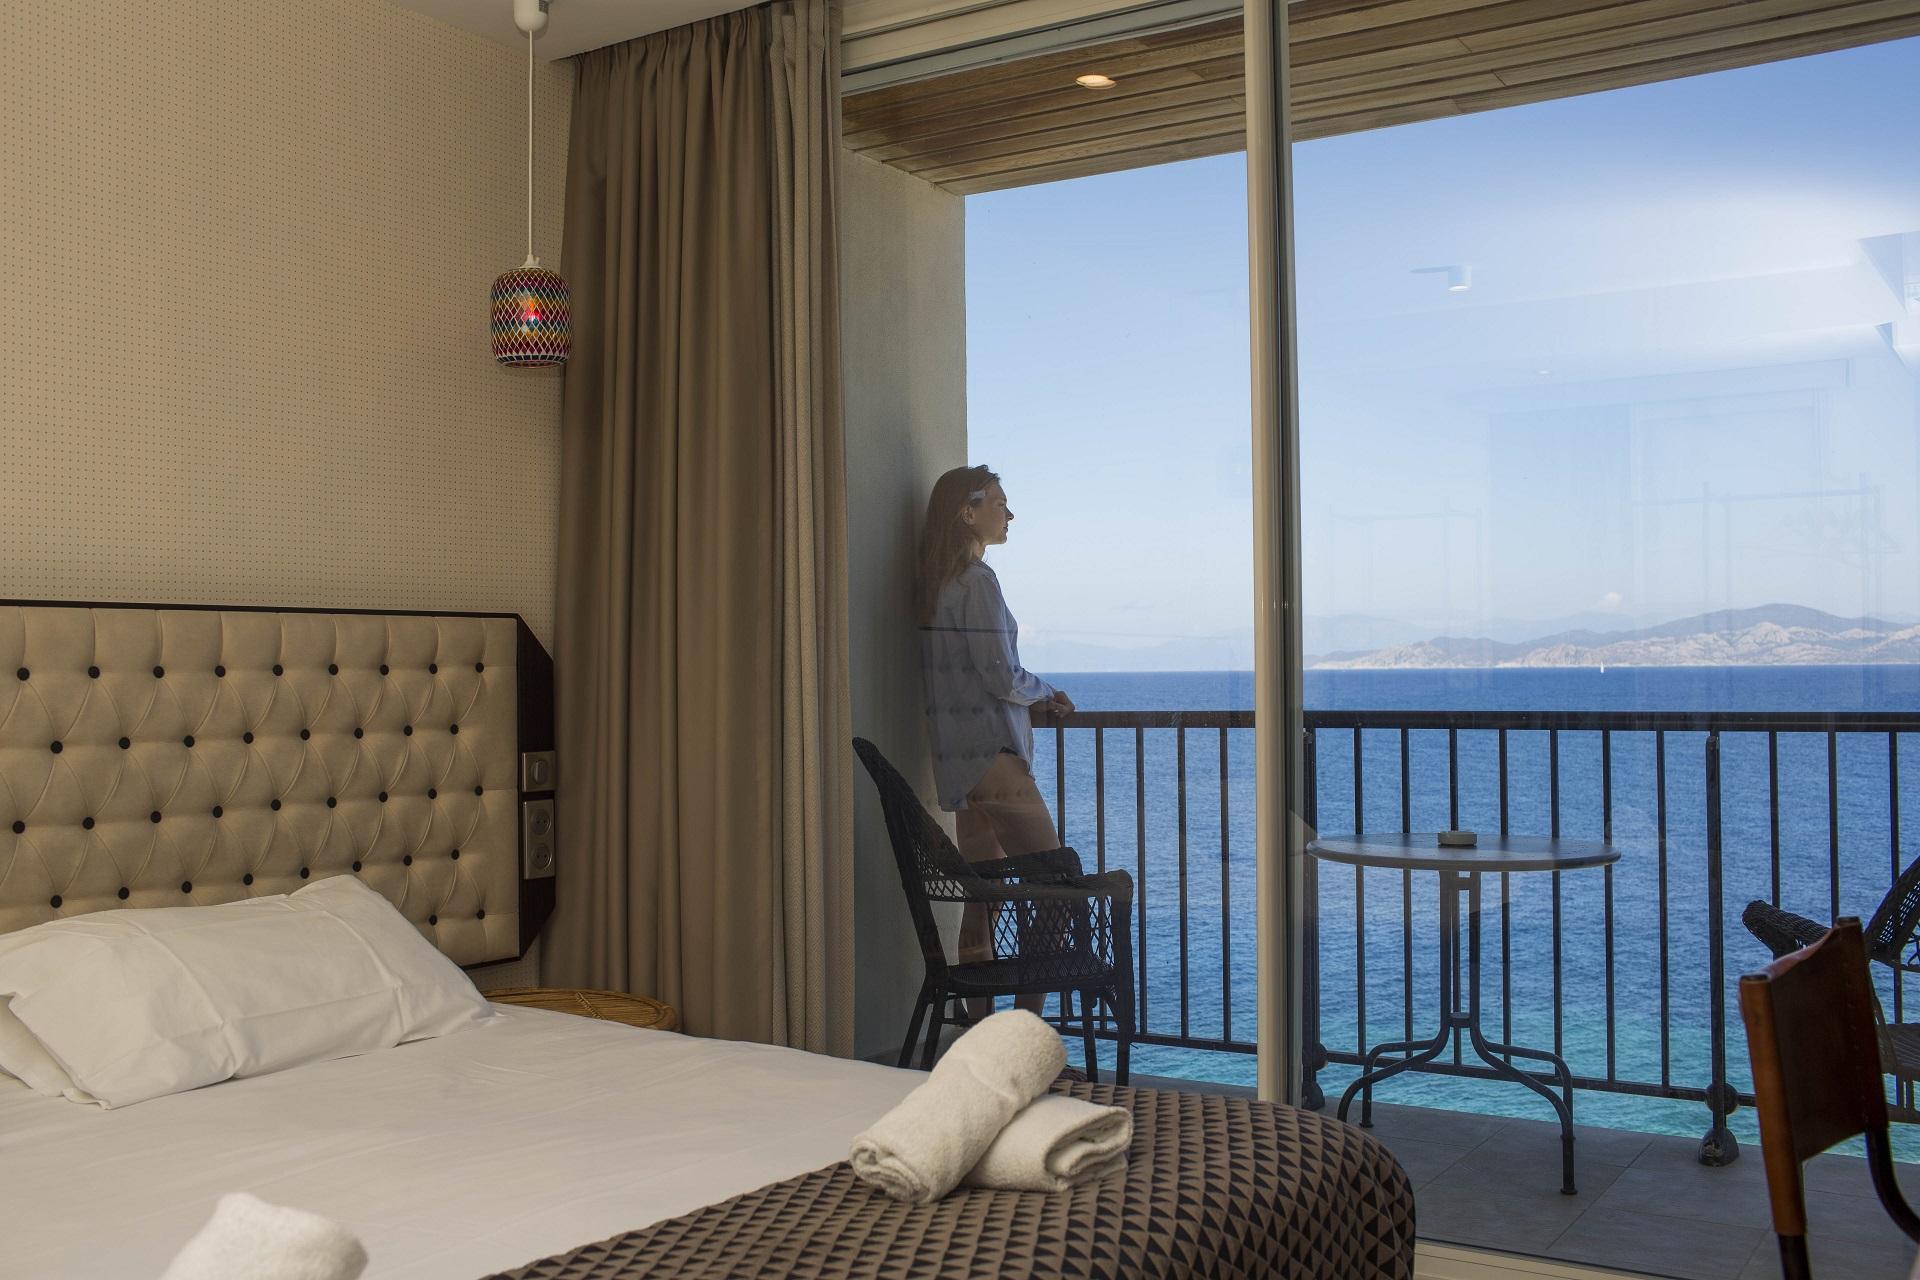 hotel-la-pietra corse-ile-rousse-vue-unique-seminaires-de-caractere